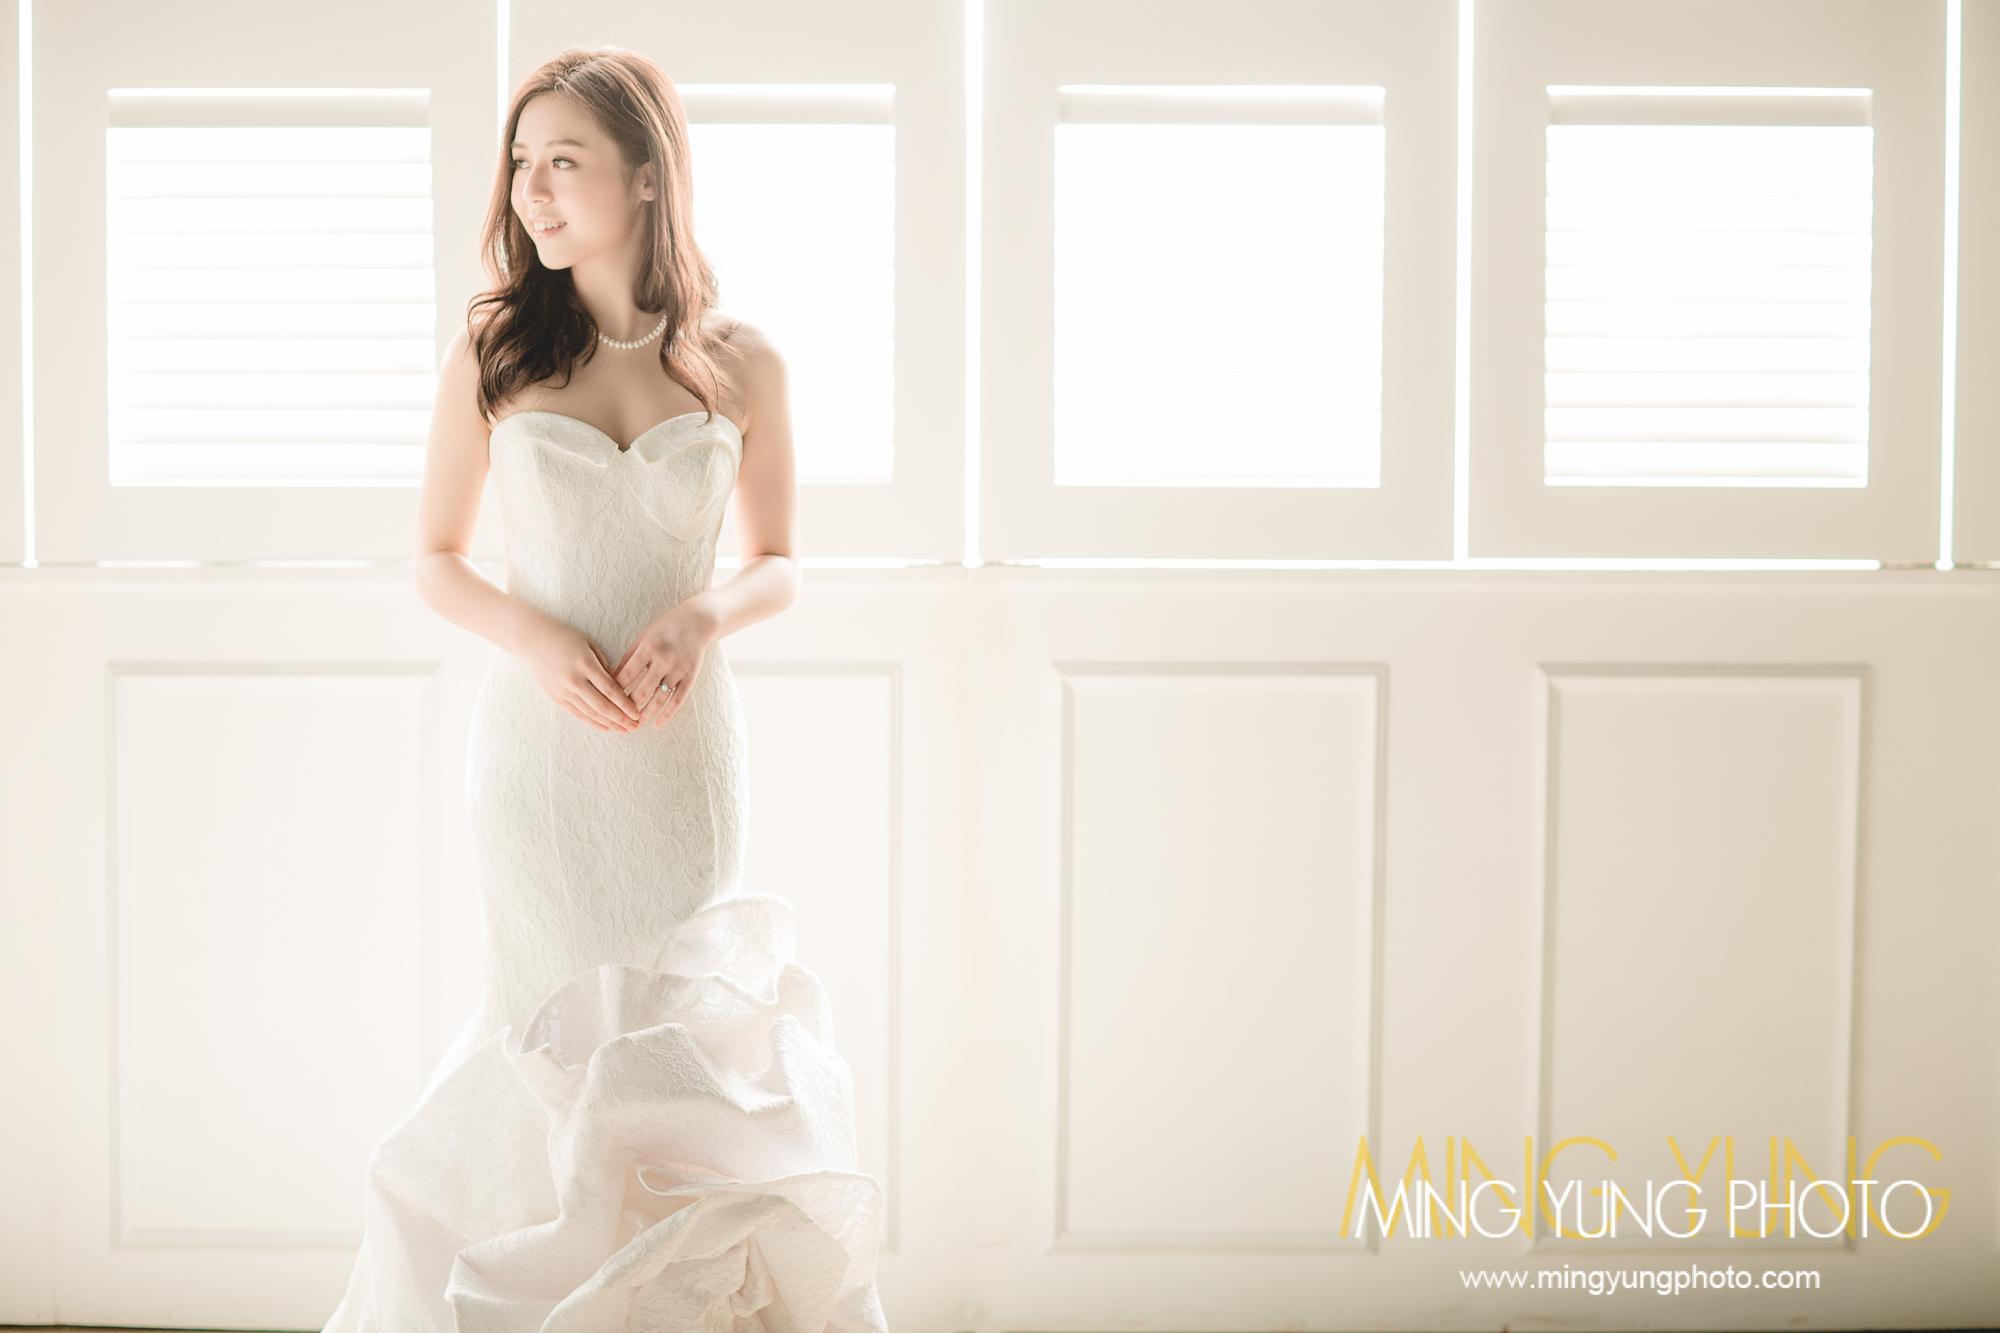 mingyungphoto-20160507-0004